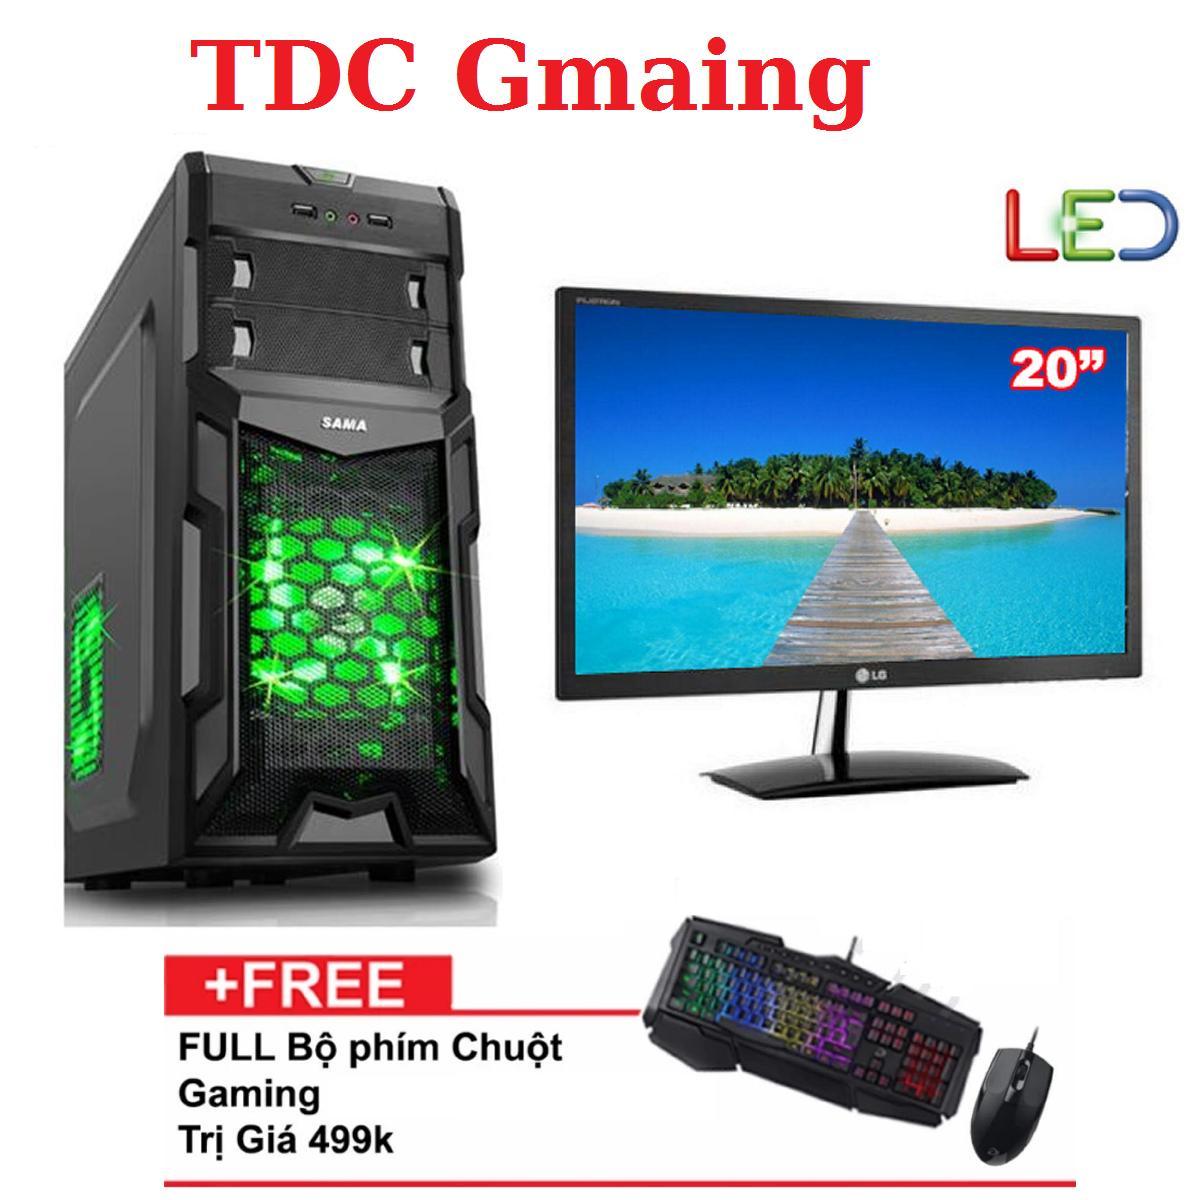 Hình ảnh { FULL } Bộ máy tính game TDCGaming intel core i7 2600/ Ram 8gb/ Hdd 500gb , Màn hình LG 20 inch - Tặng phím chuột giả cơ chuyên game - Bảo hành 24 tháng 1 đôi 1.